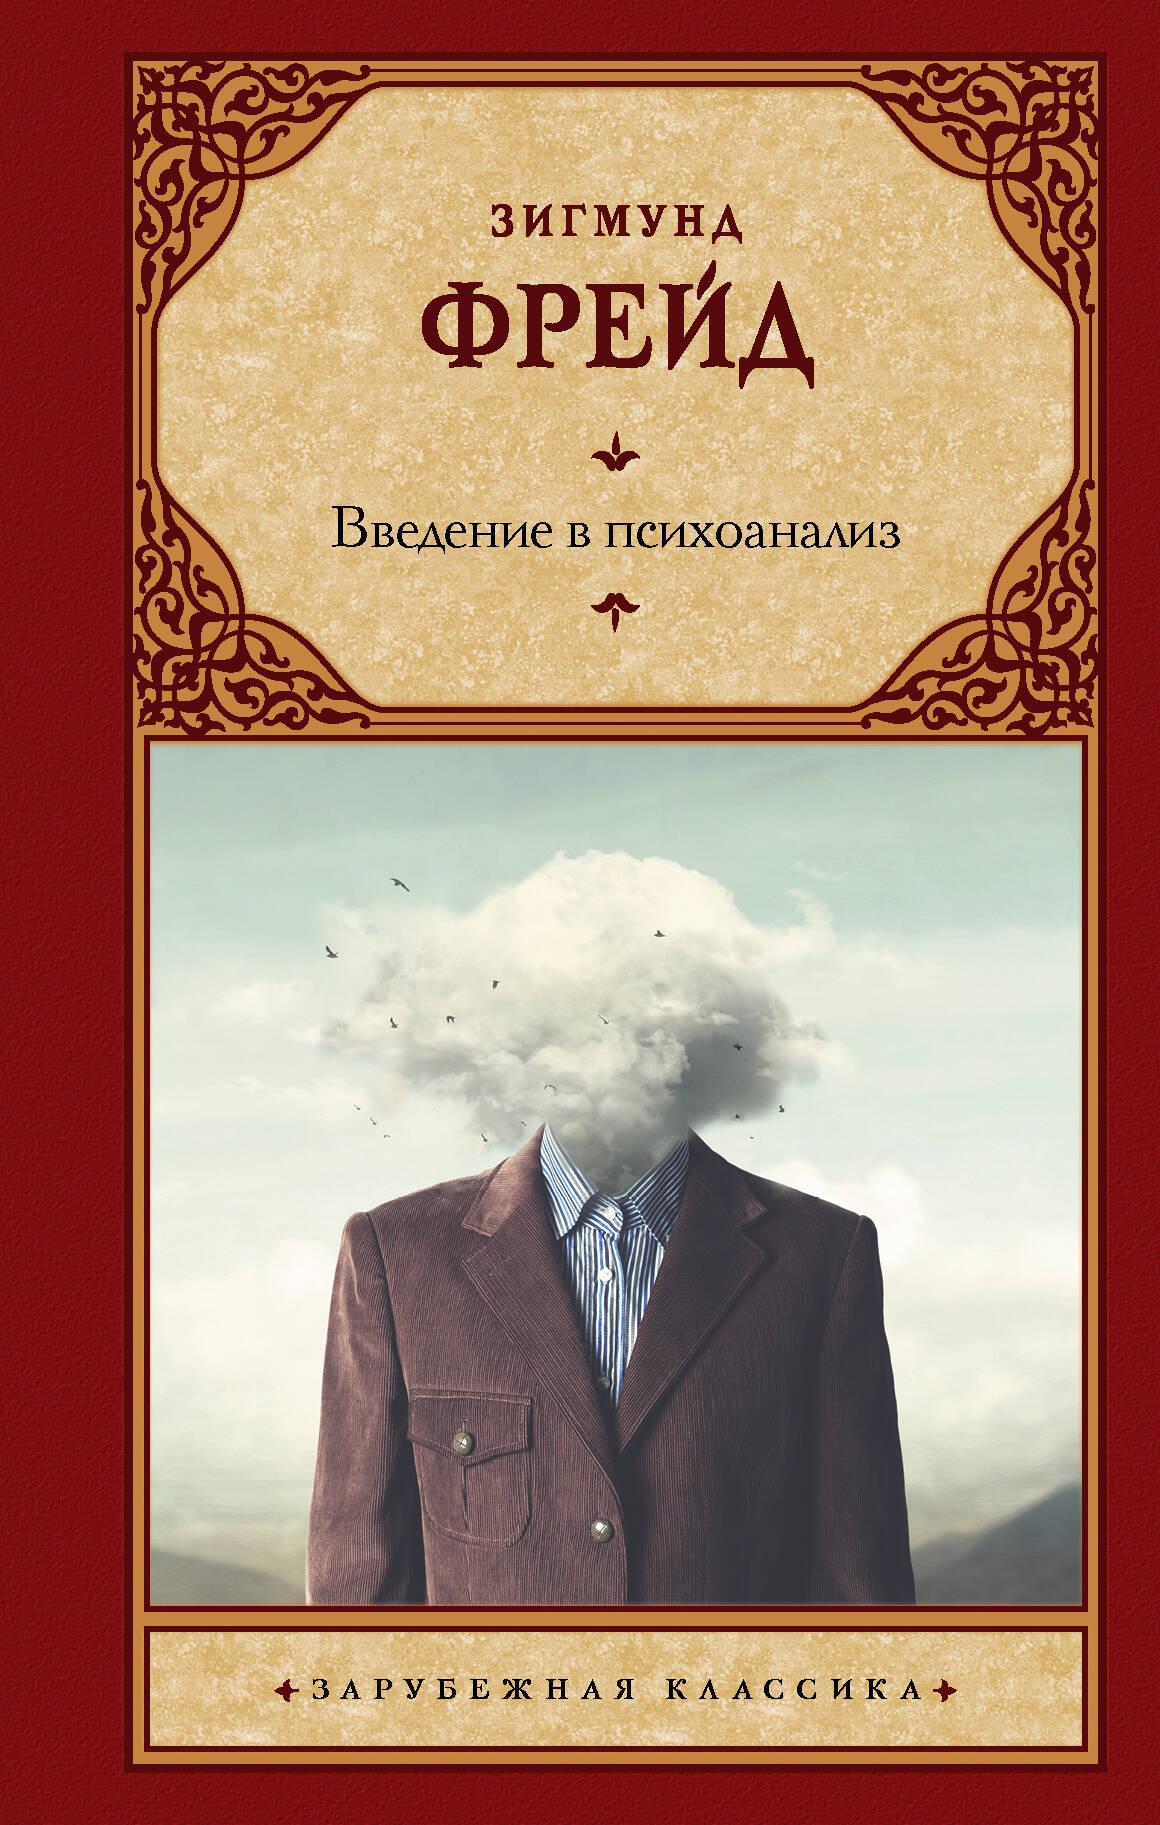 Введение в психоанализ ( Фрейд Зигмунд  )